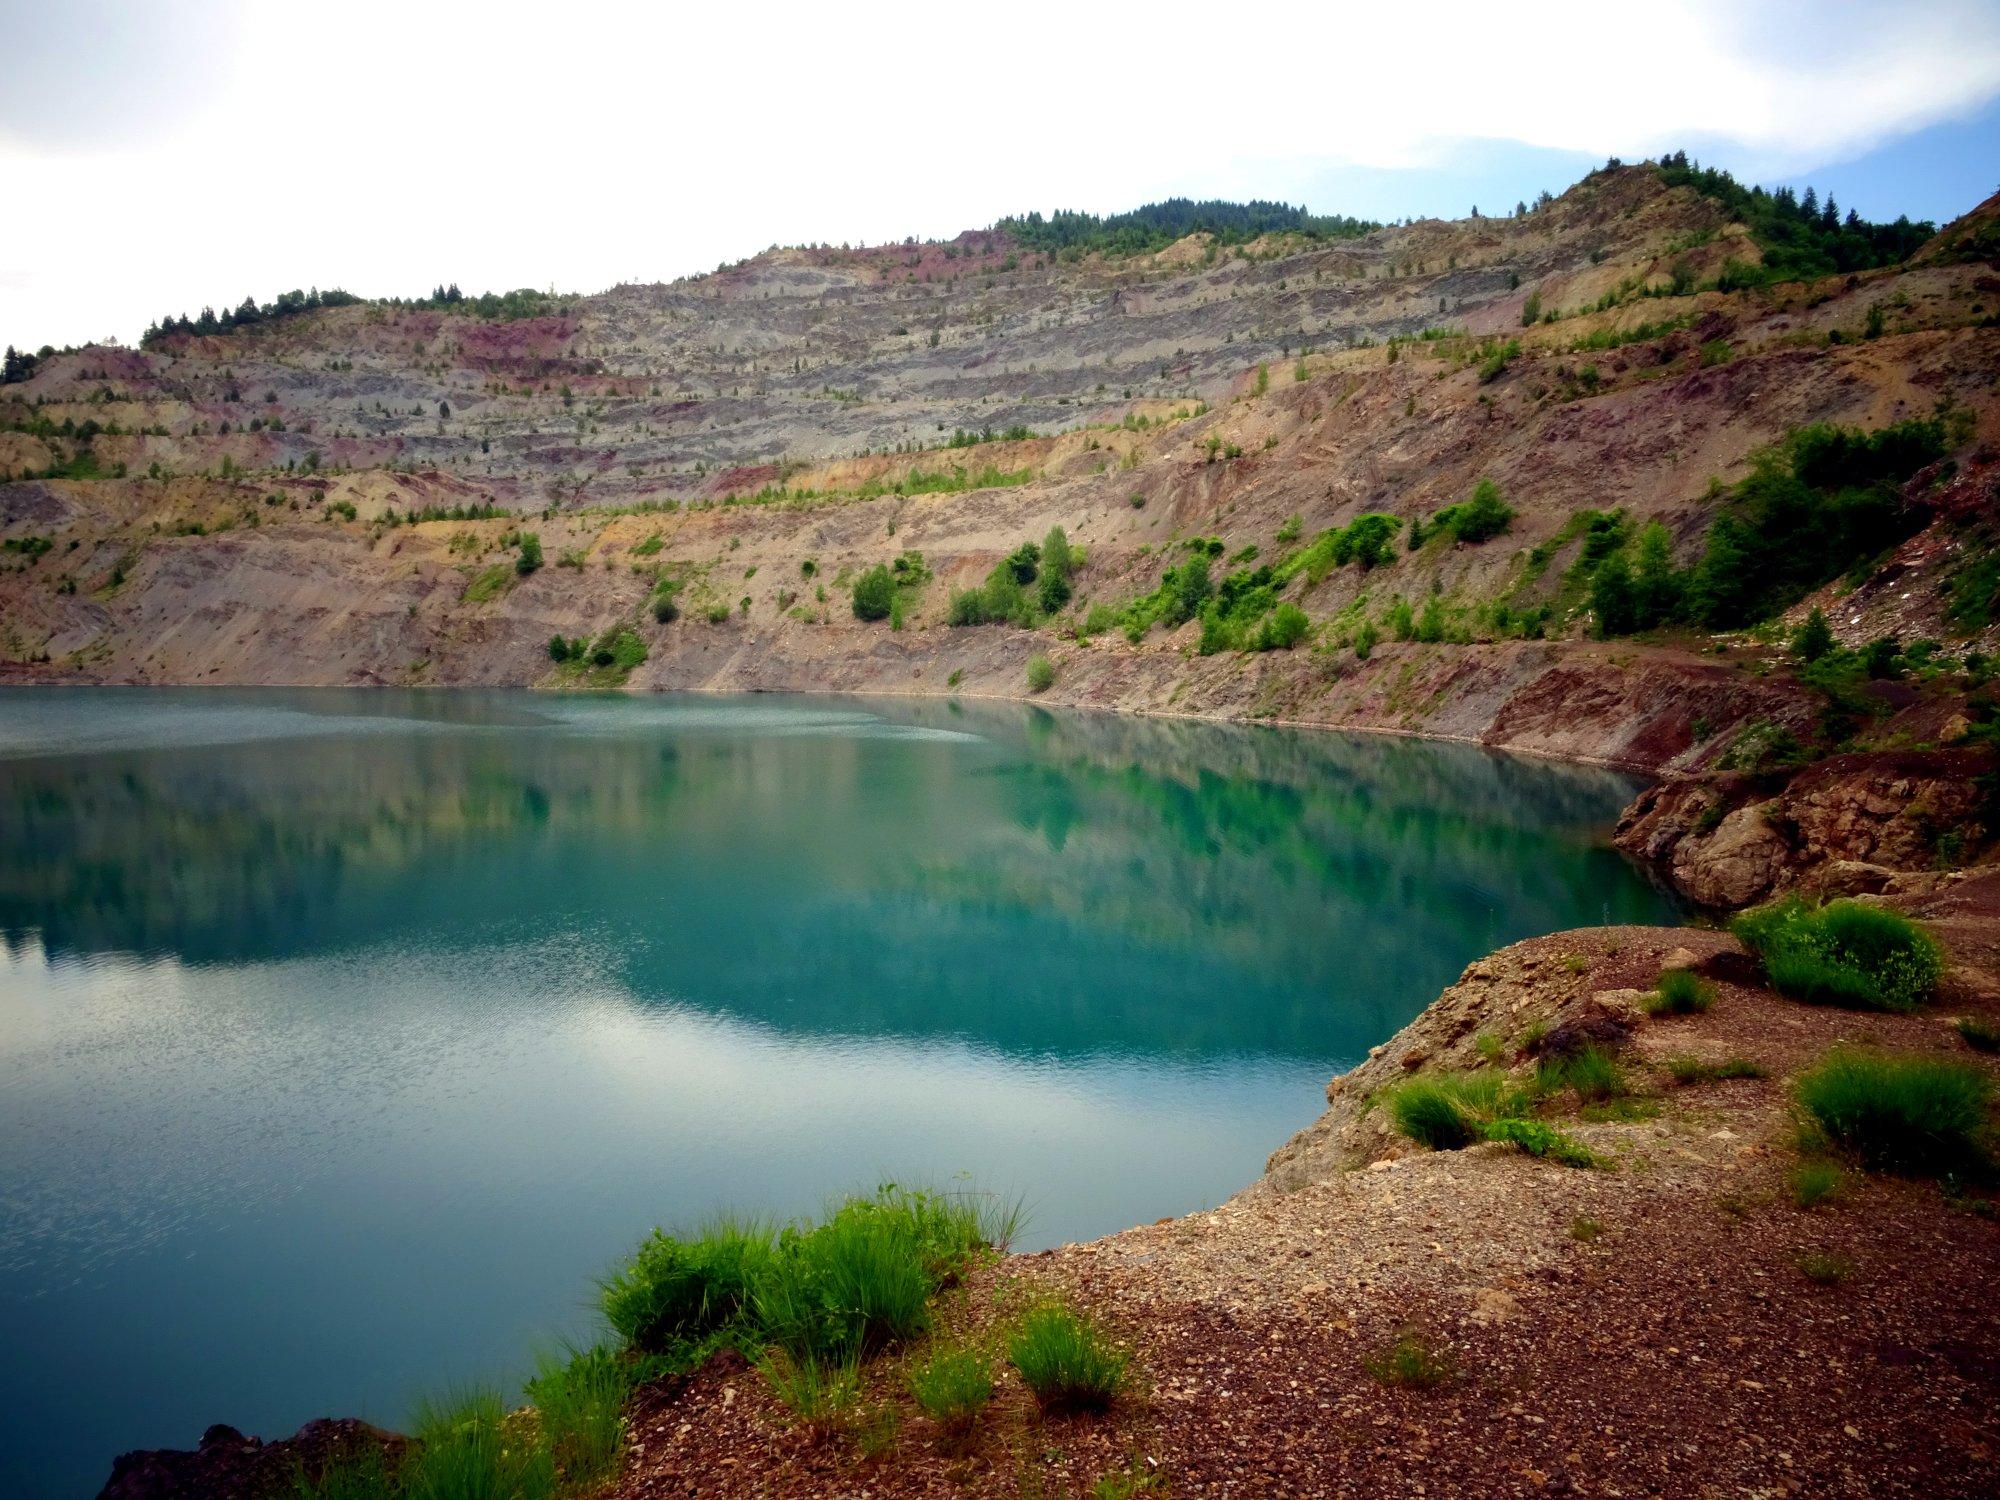 Il lago Nula, foto di Marco Ranocchiari